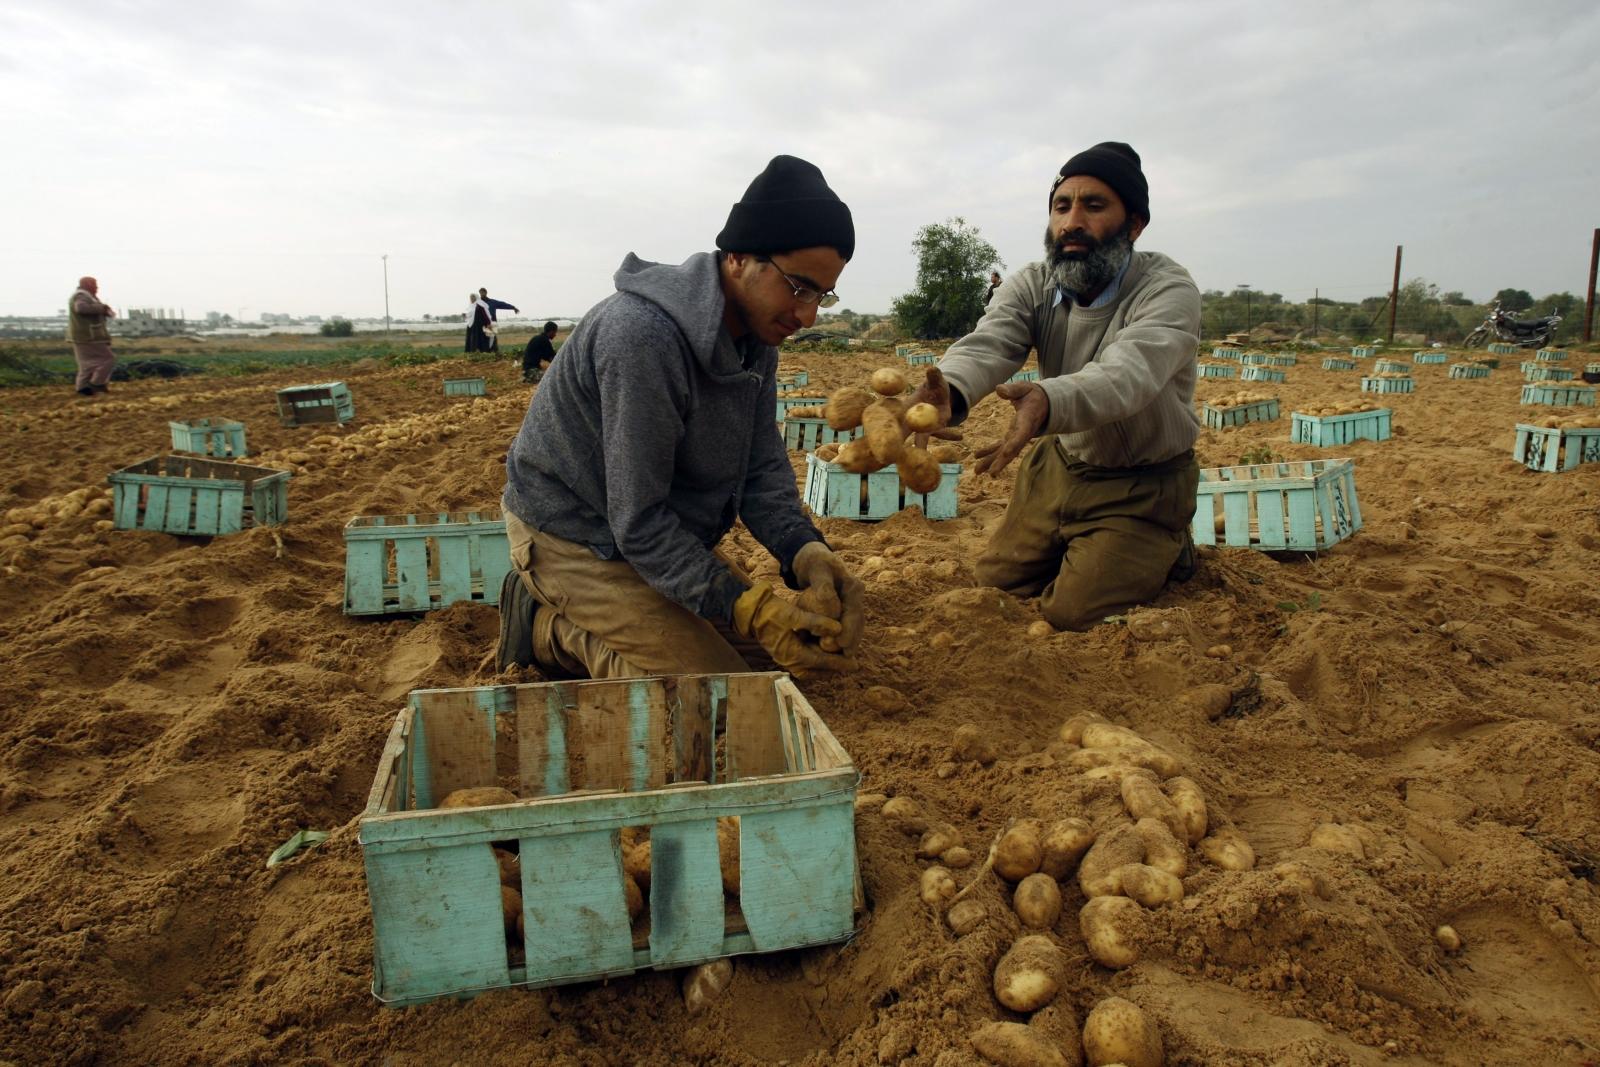 Gaza farmers